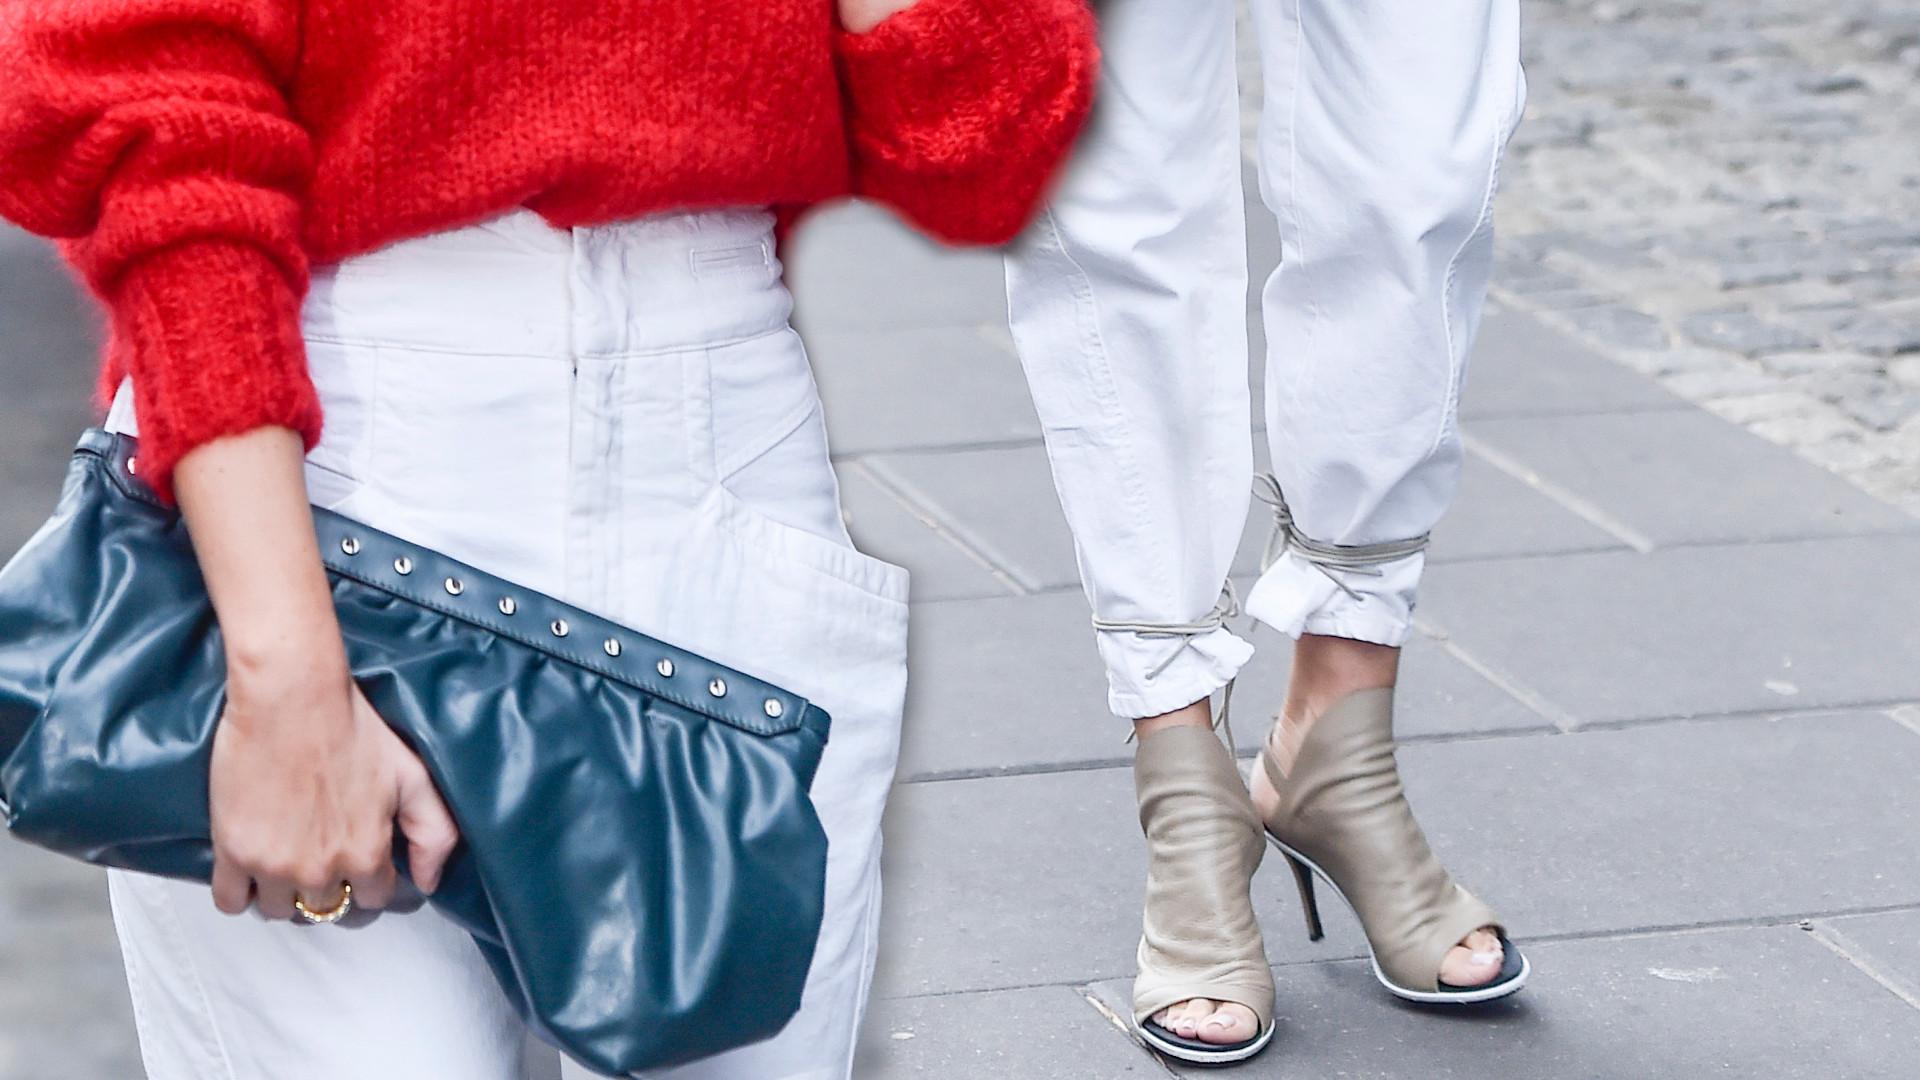 Gwiazdy pod studiem DDTVN w zimowych stylizacjach. ONA w odkrytych butach i bez kurtki